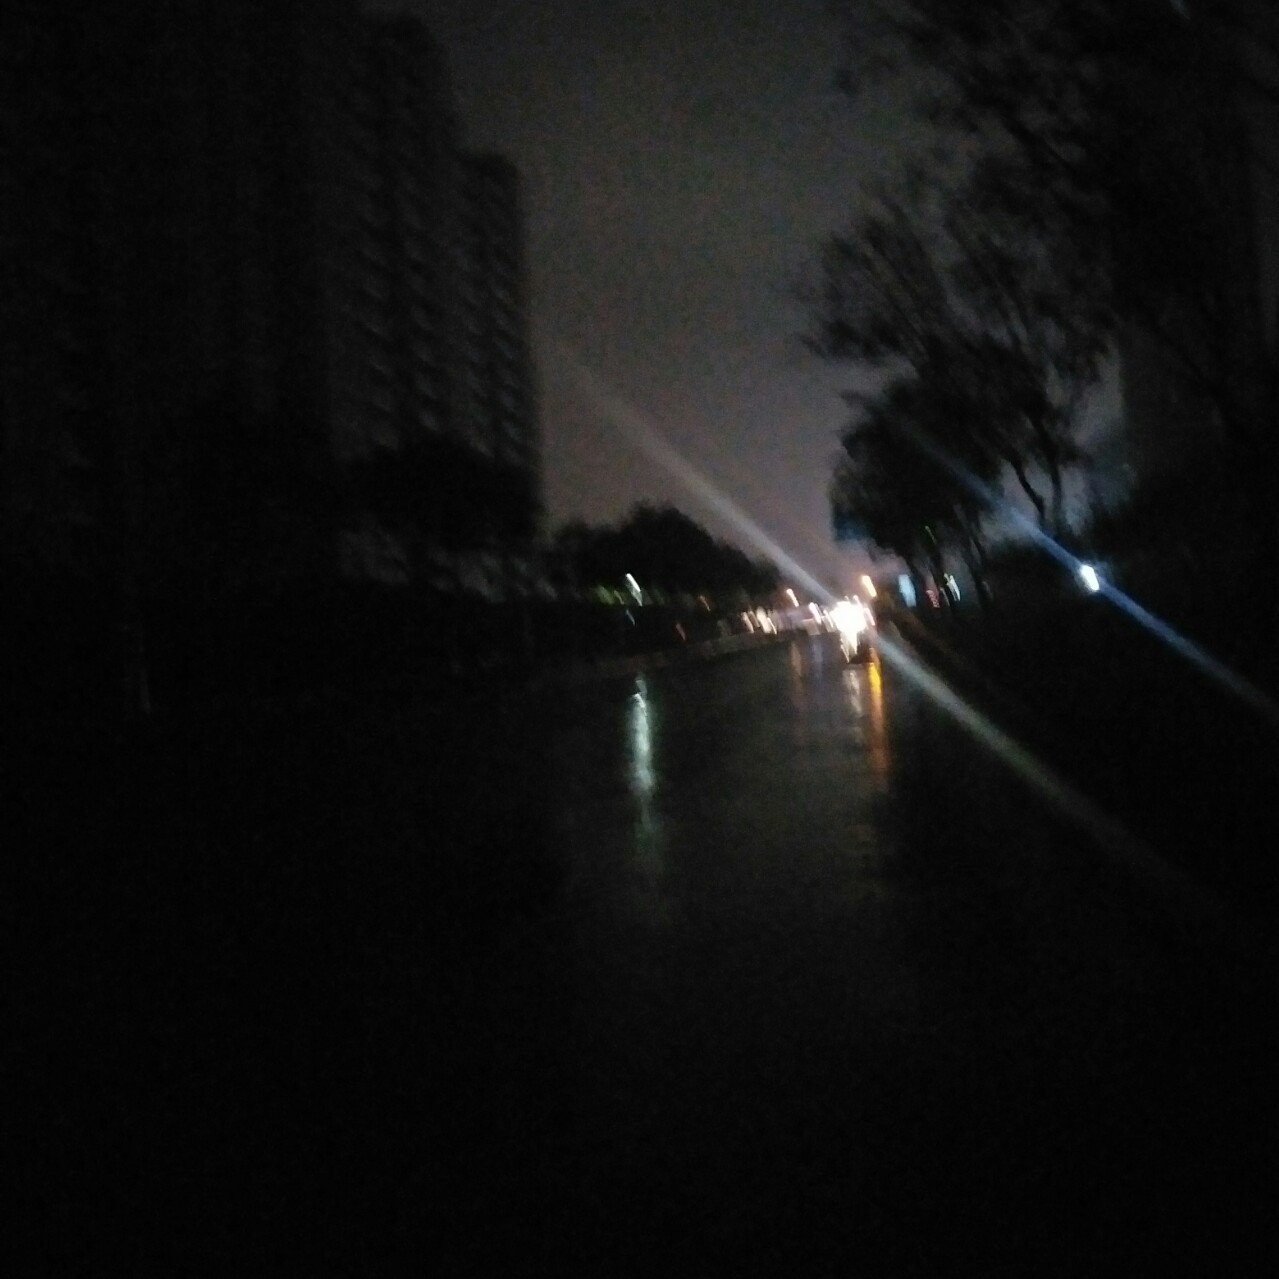 扬子江路又是黑灯抺火一夜,还能干点事吗?